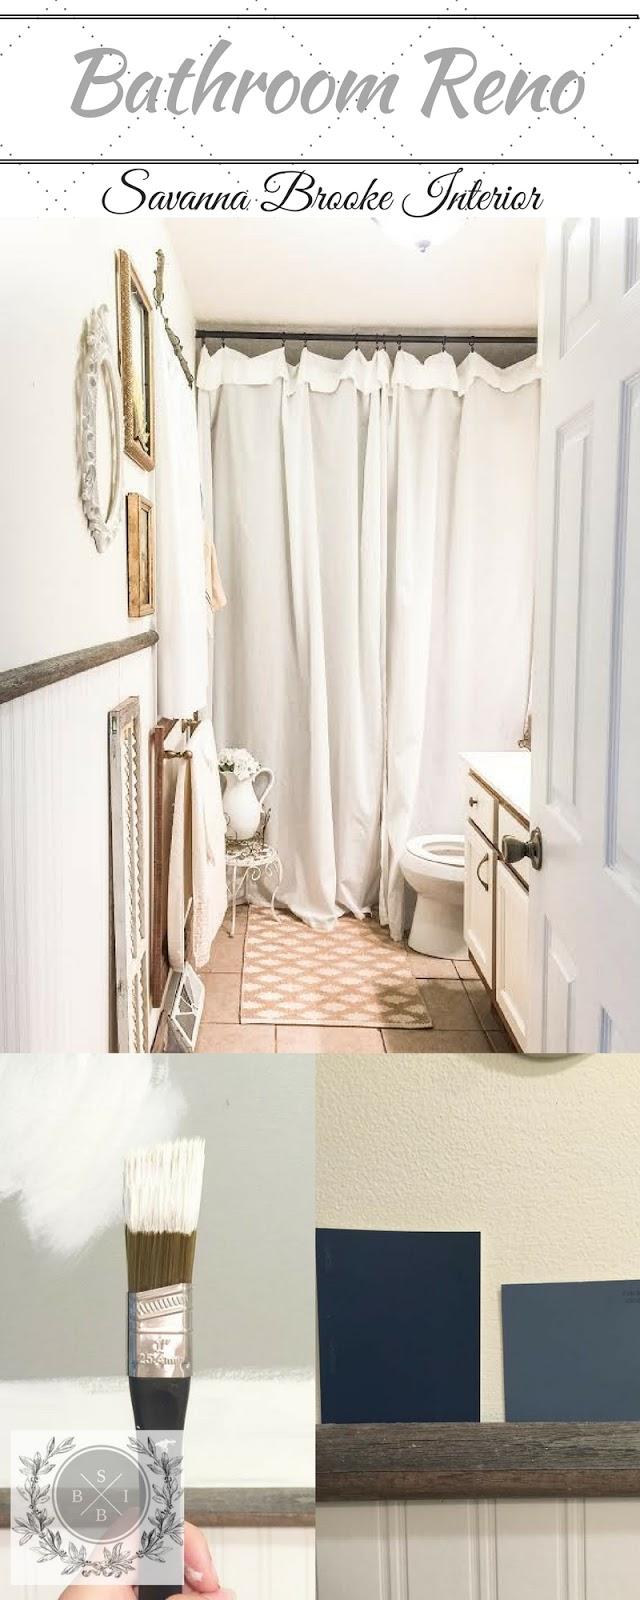 Savanna Interior Diy Mini Pond: SavannaBrooke.com: Bathroom Issues